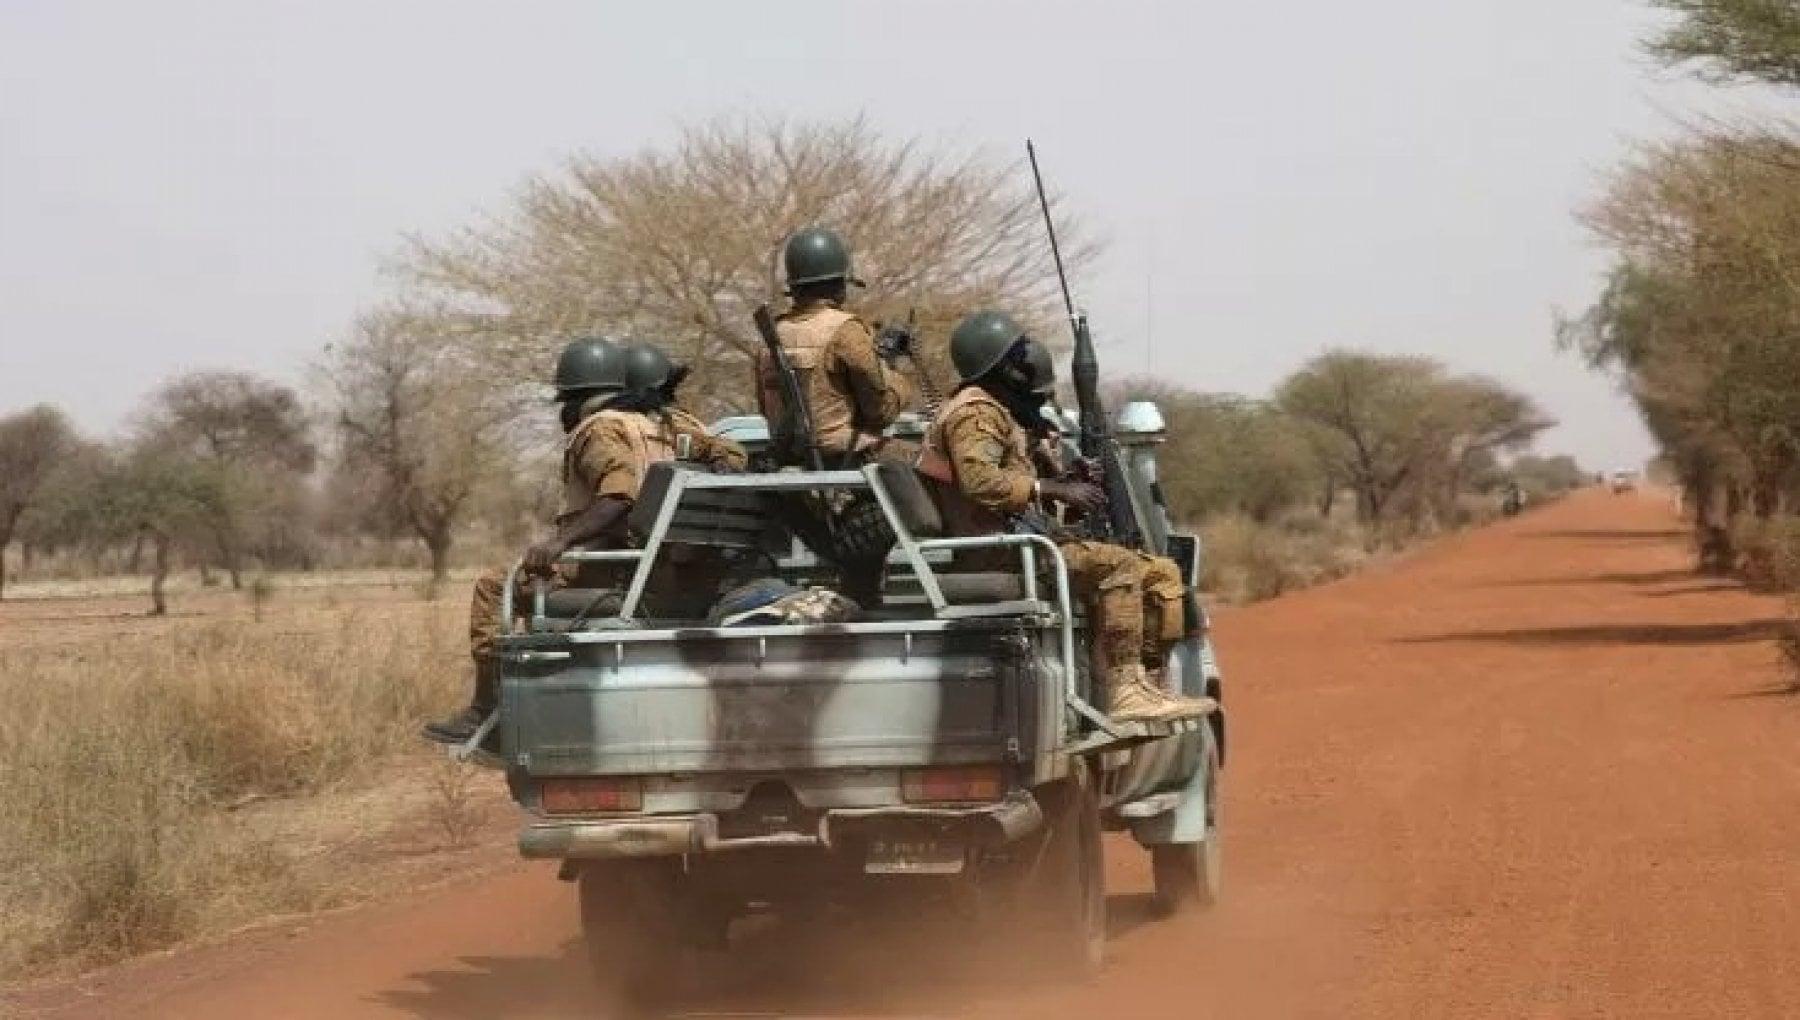 161656226 63beb39a a34e 43d3 a57a 9bc80504685d - Burkina Faso, strage di civili al Nord: almeno 130 vittime